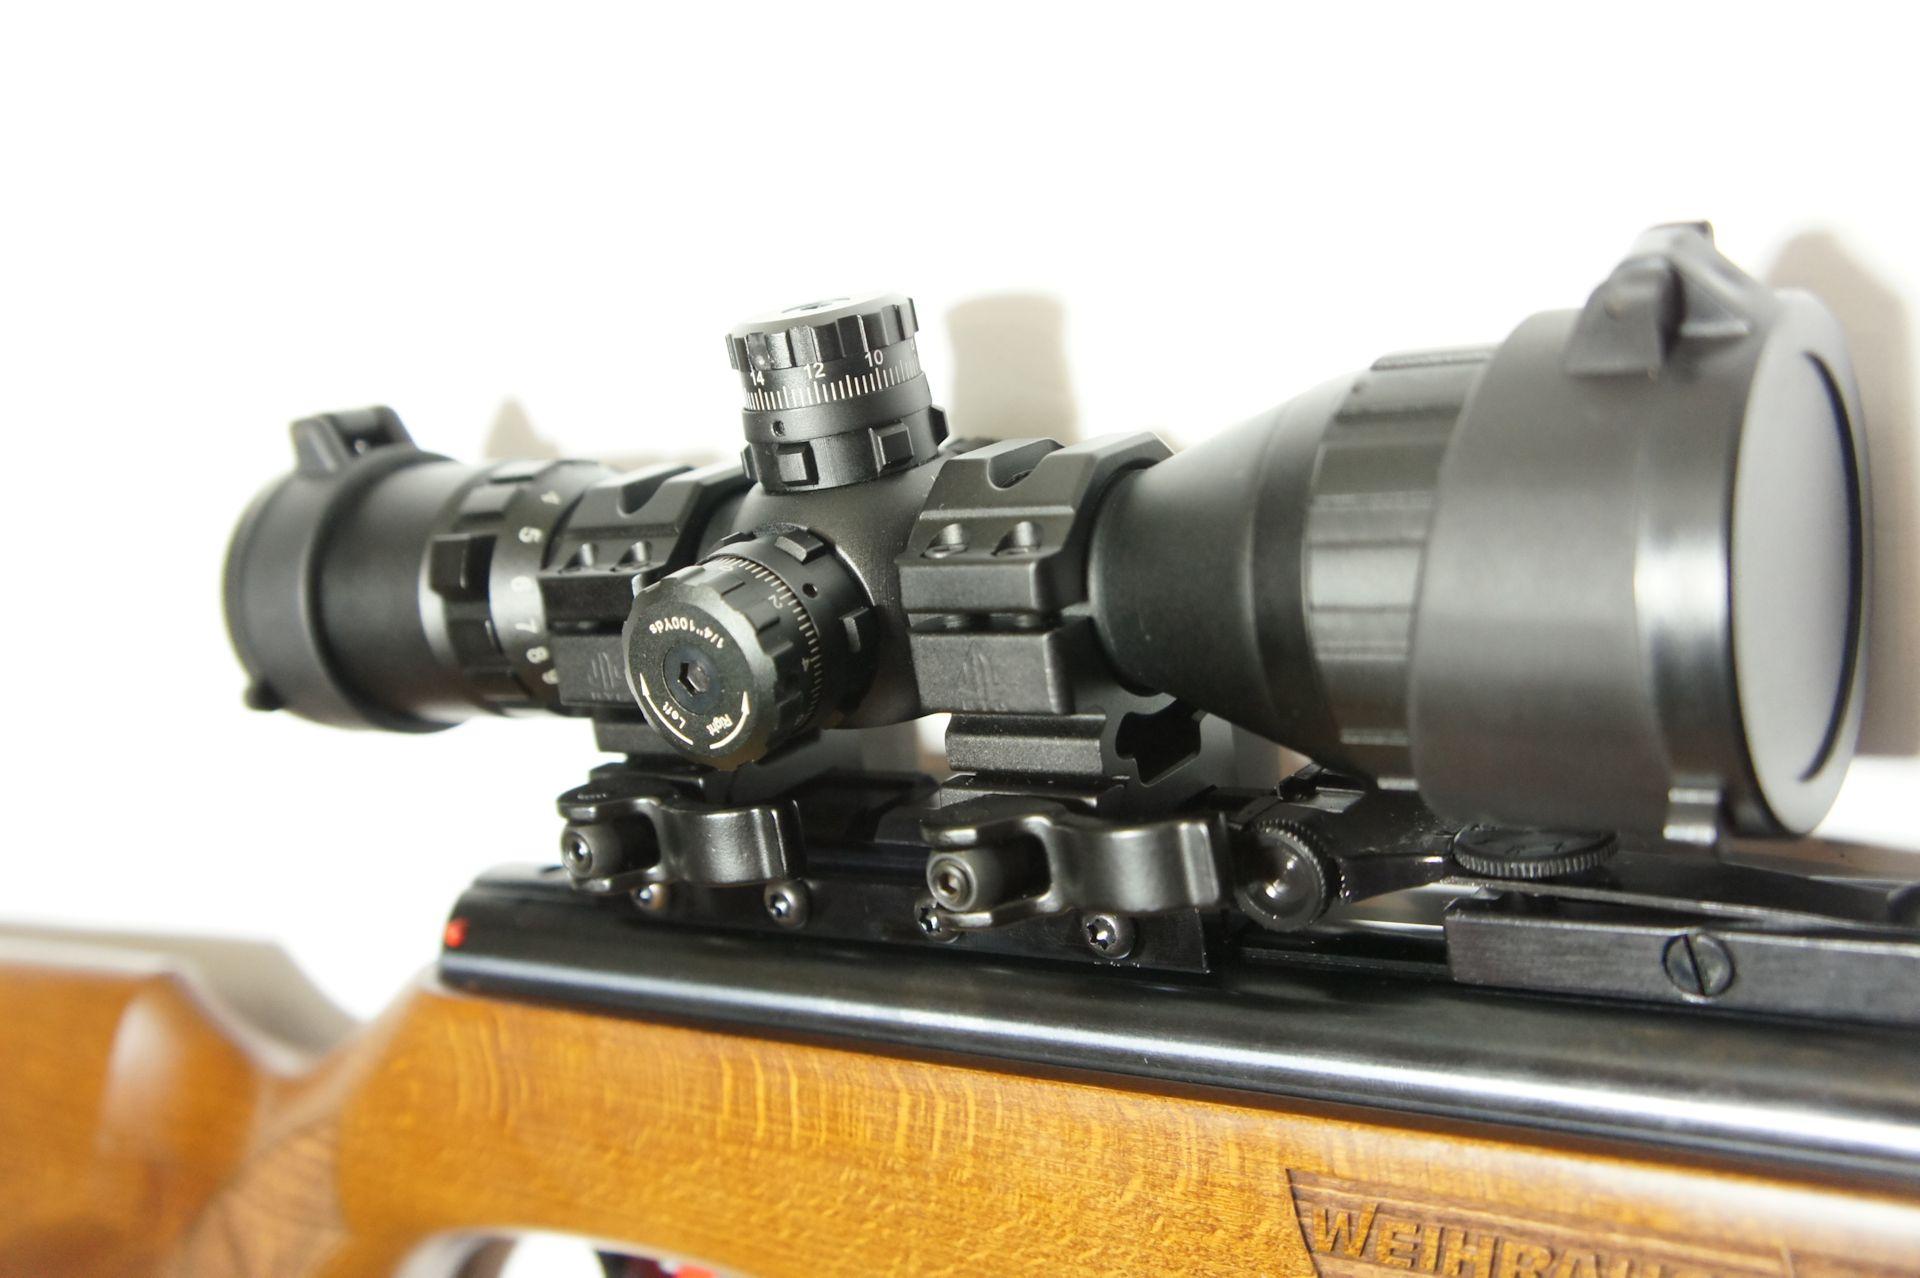 Utg compact 3 9x32 mit montagefüßen 21mm